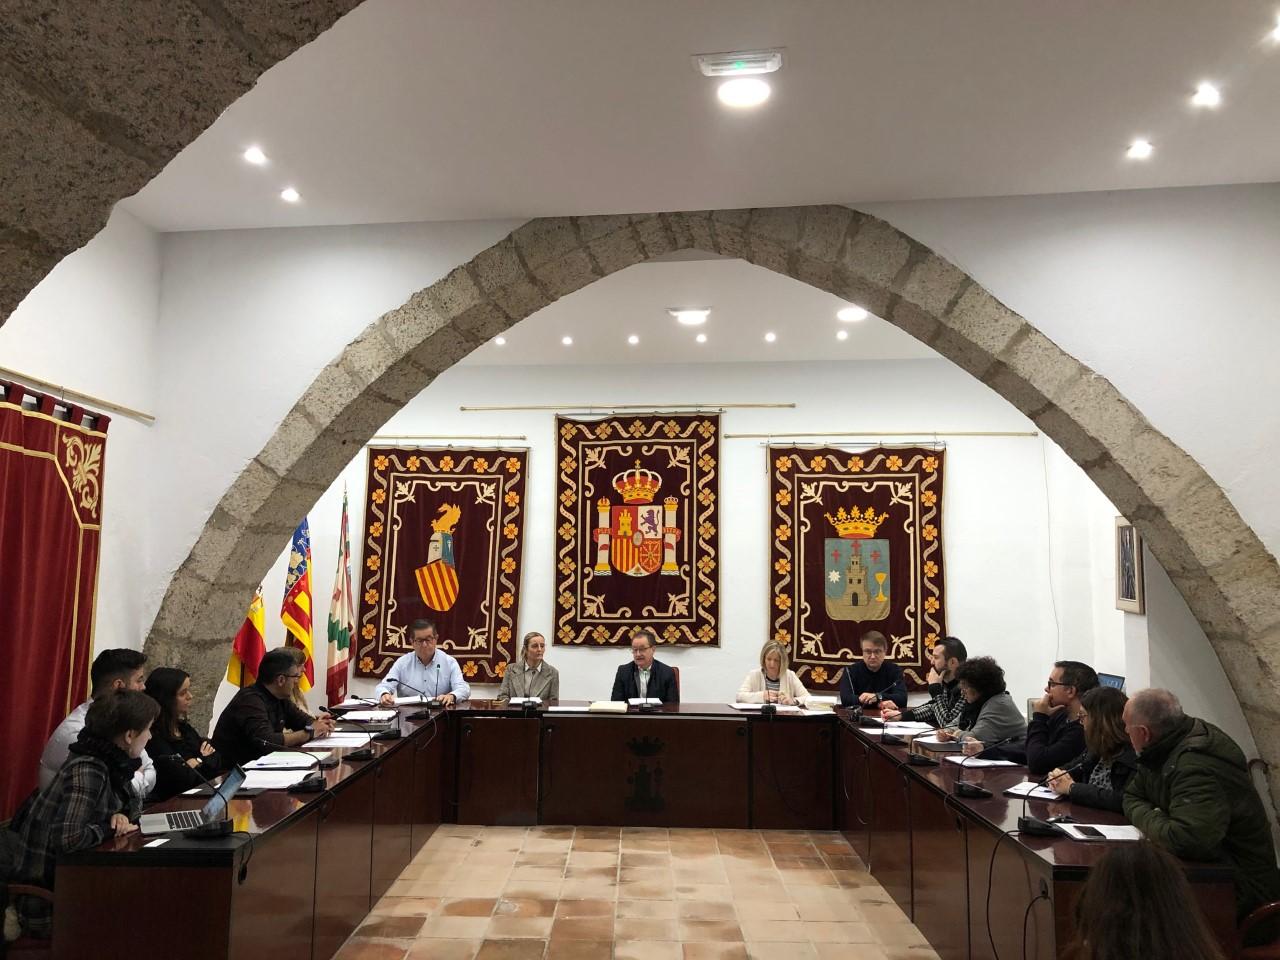 Alcalà-Alcossebre; El ple dóna llum verda al projecte i expedient de contractació per a l'Espai d'Oci i Casal Jove d'Alcossebre